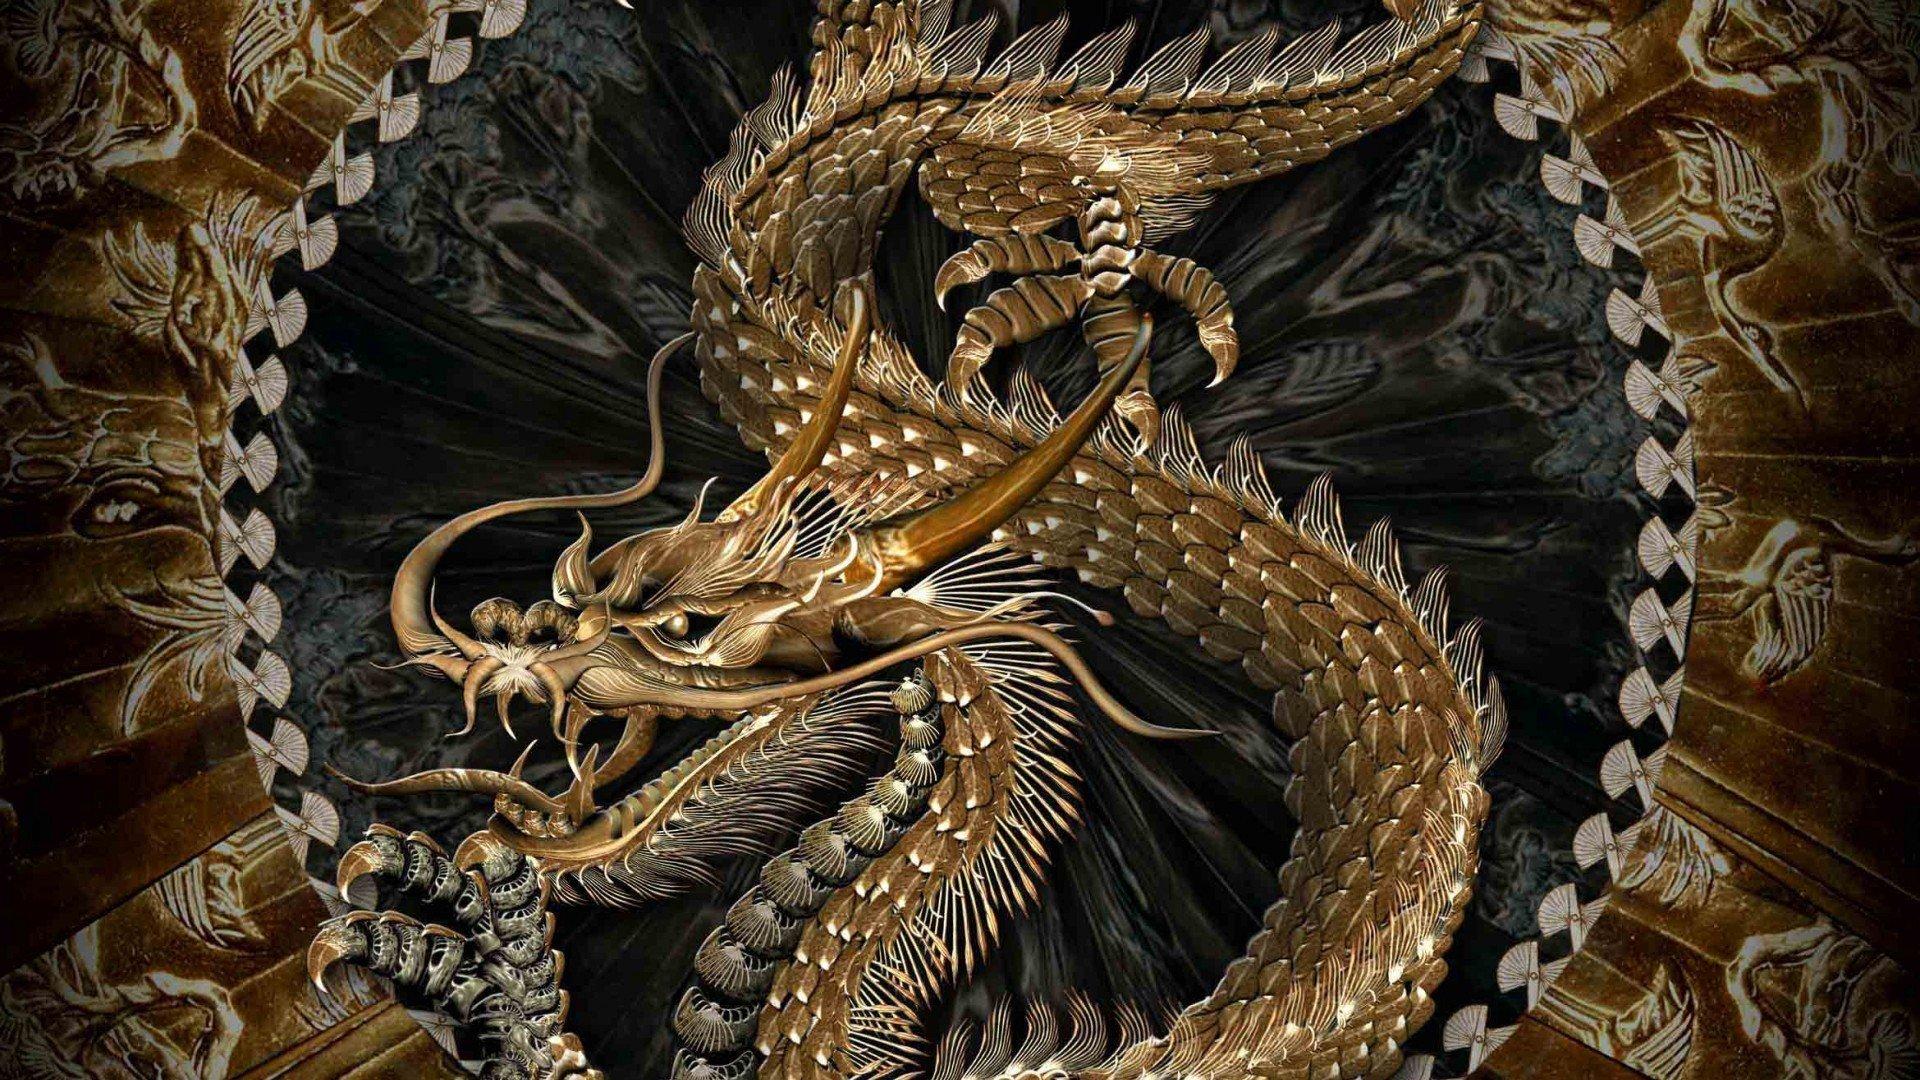 изнутри картинка на рабочий стол компьютера дракона после победы одном